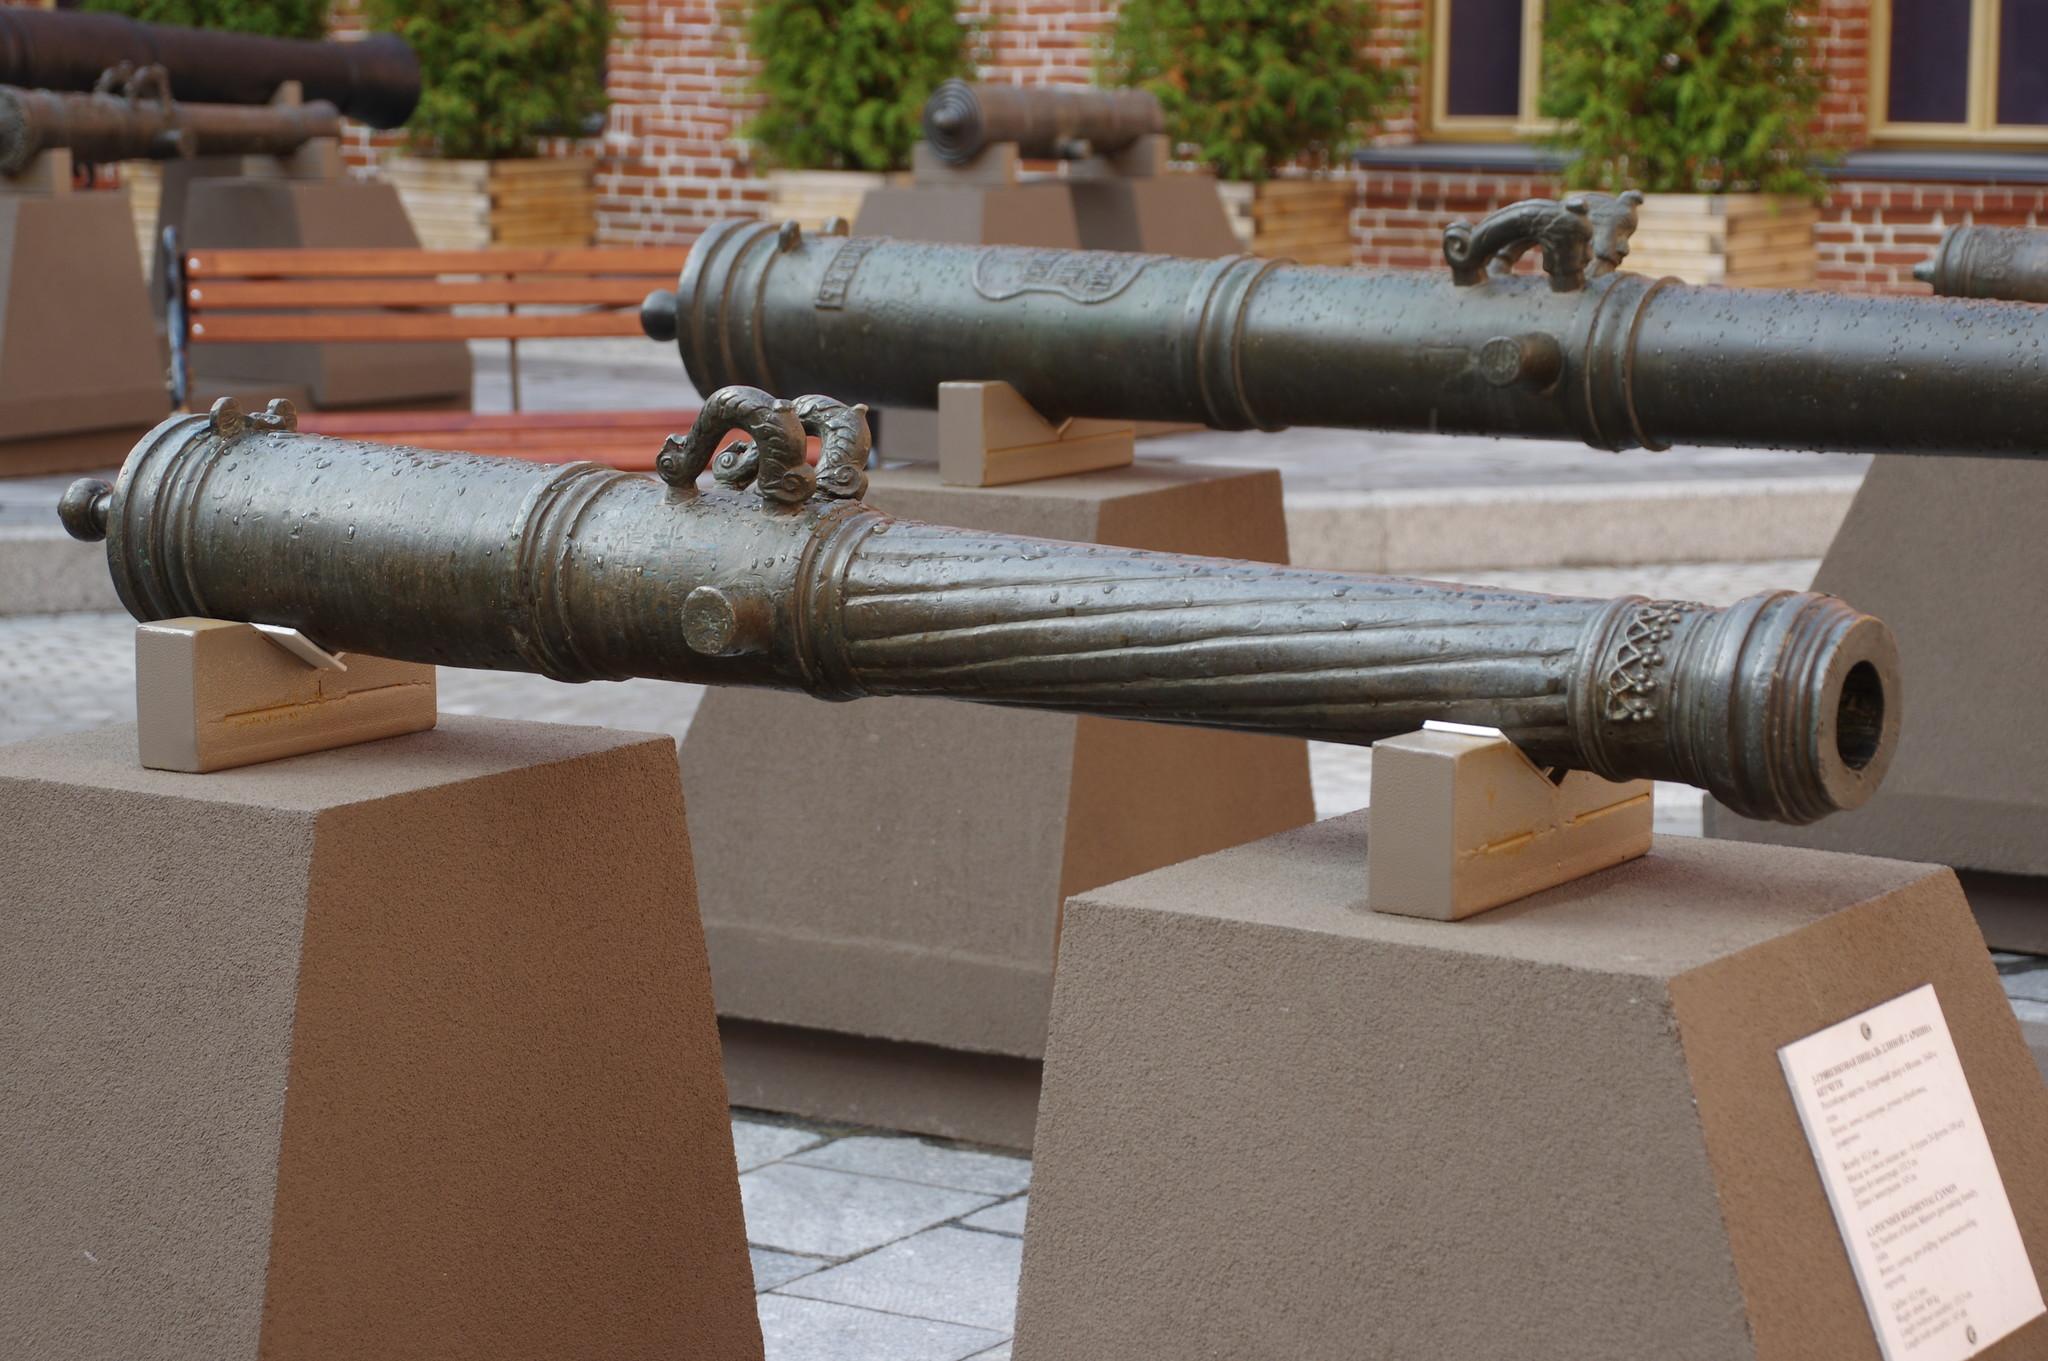 2-гривенковая пищаль длиной 2 аршина без чети. Пушечный двор в Москве. 1640-е годы. Калибр: 63,5 мм